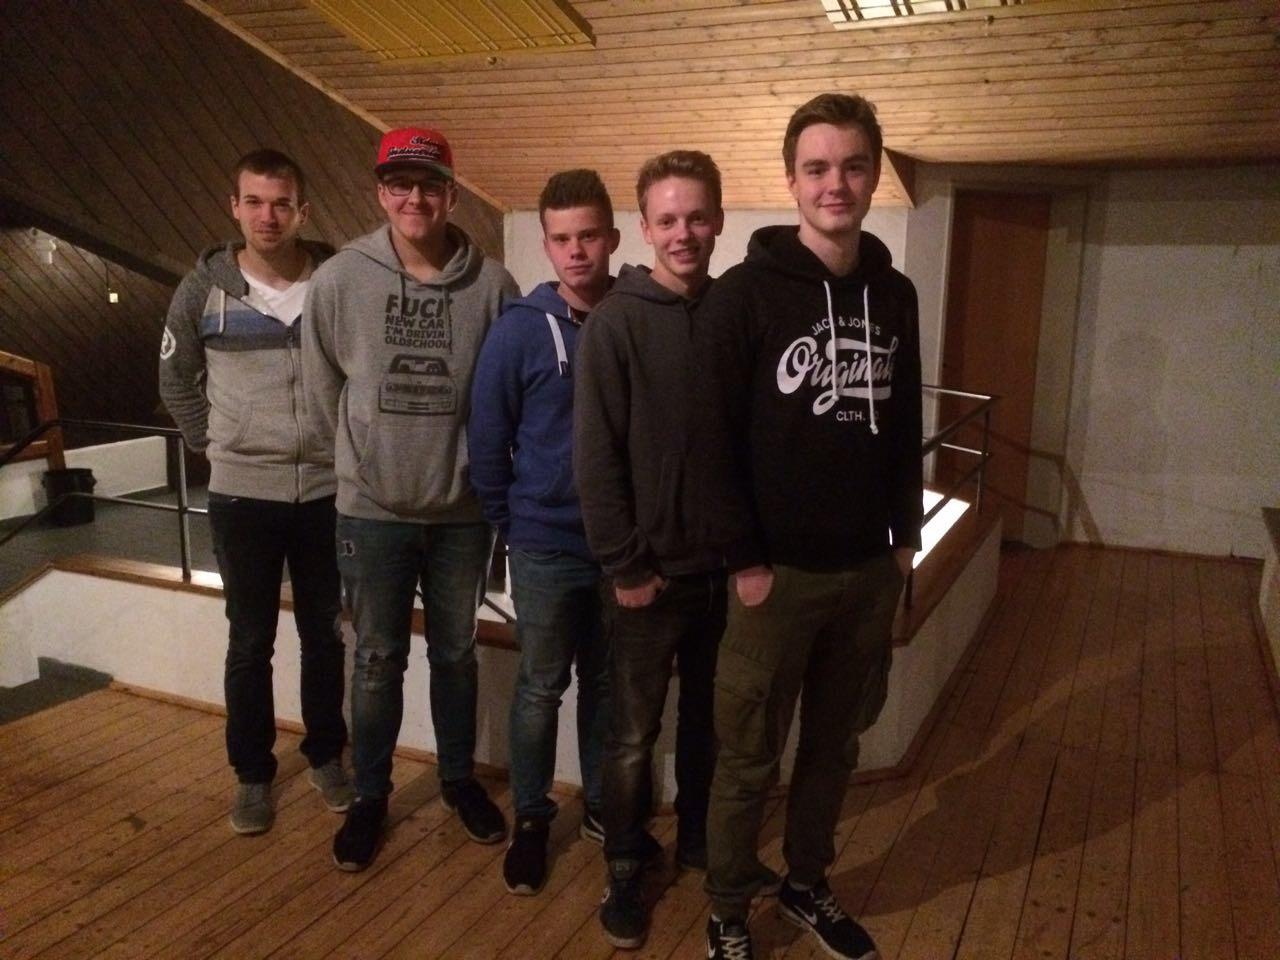 Bild von Jungschützen stellen Weichen für die Zukunft – Erstmals Jungschützen-Vorstand gewählt